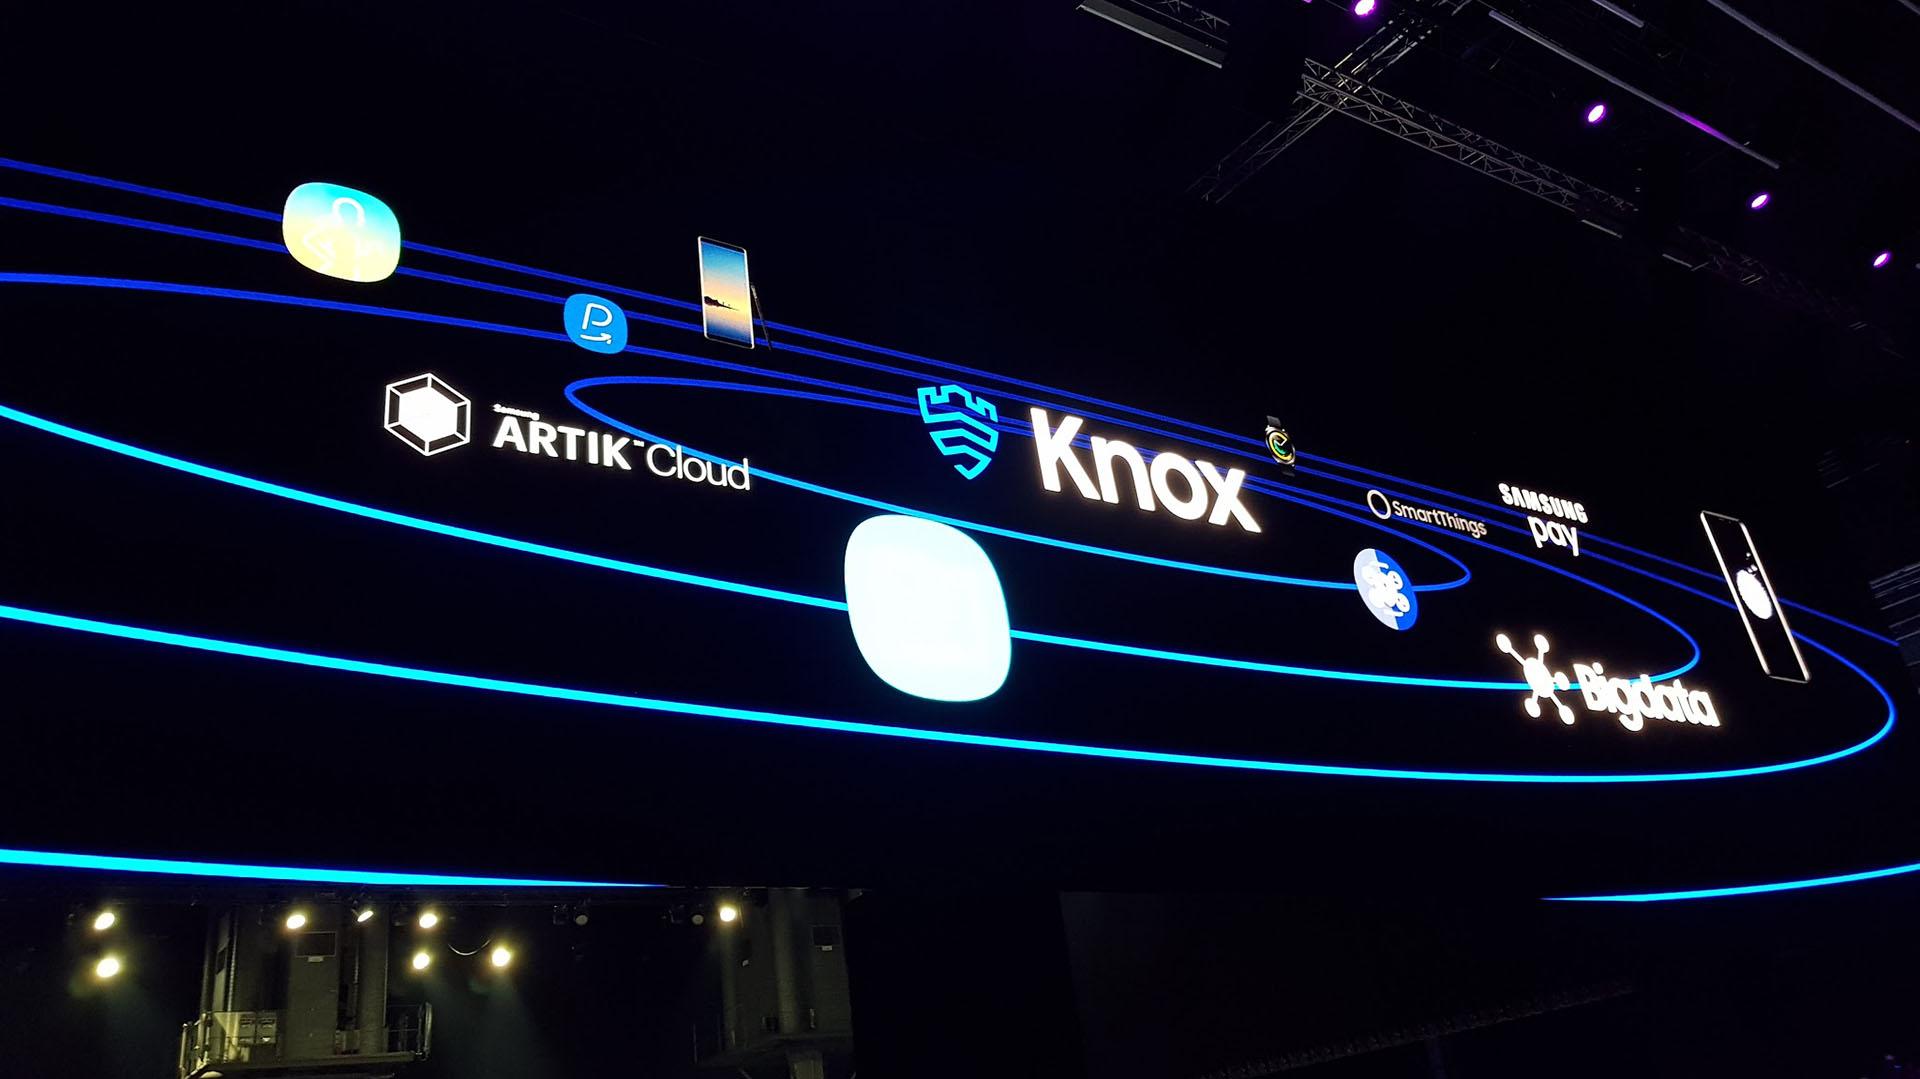 Knox, el sistema de seguridad integrado a los telefonos de Samsung